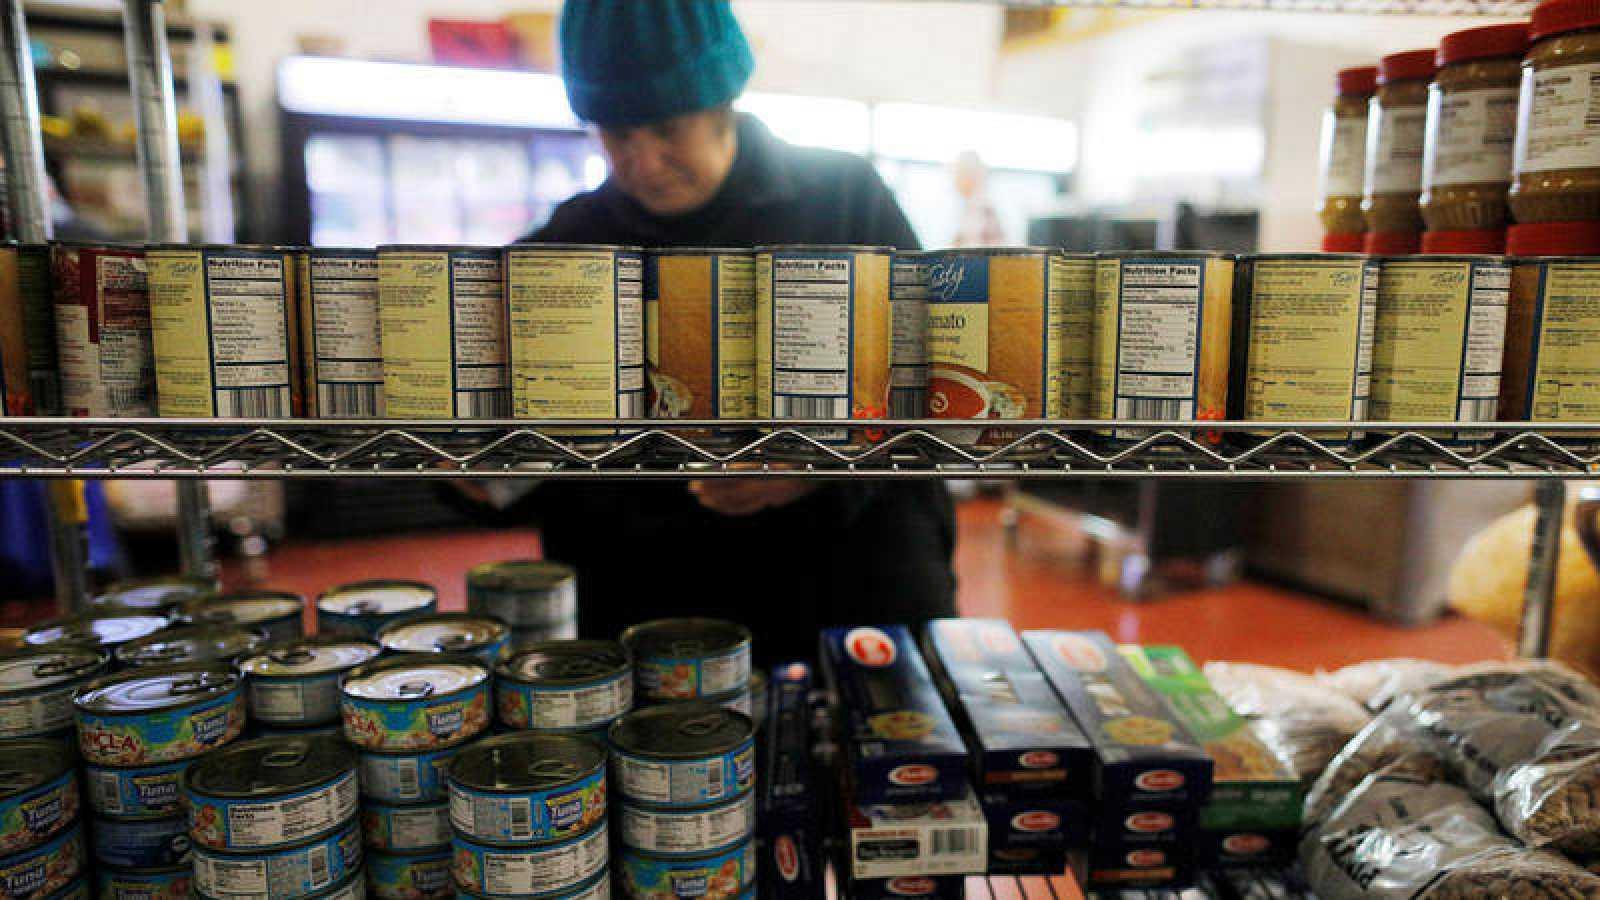 Los voluntarios almacenan productos en las estanterías para atender a los trabajadores federales sin sueldo en Portsmouth, New Hampshire, EE. UU., 18 de enero de 2019.